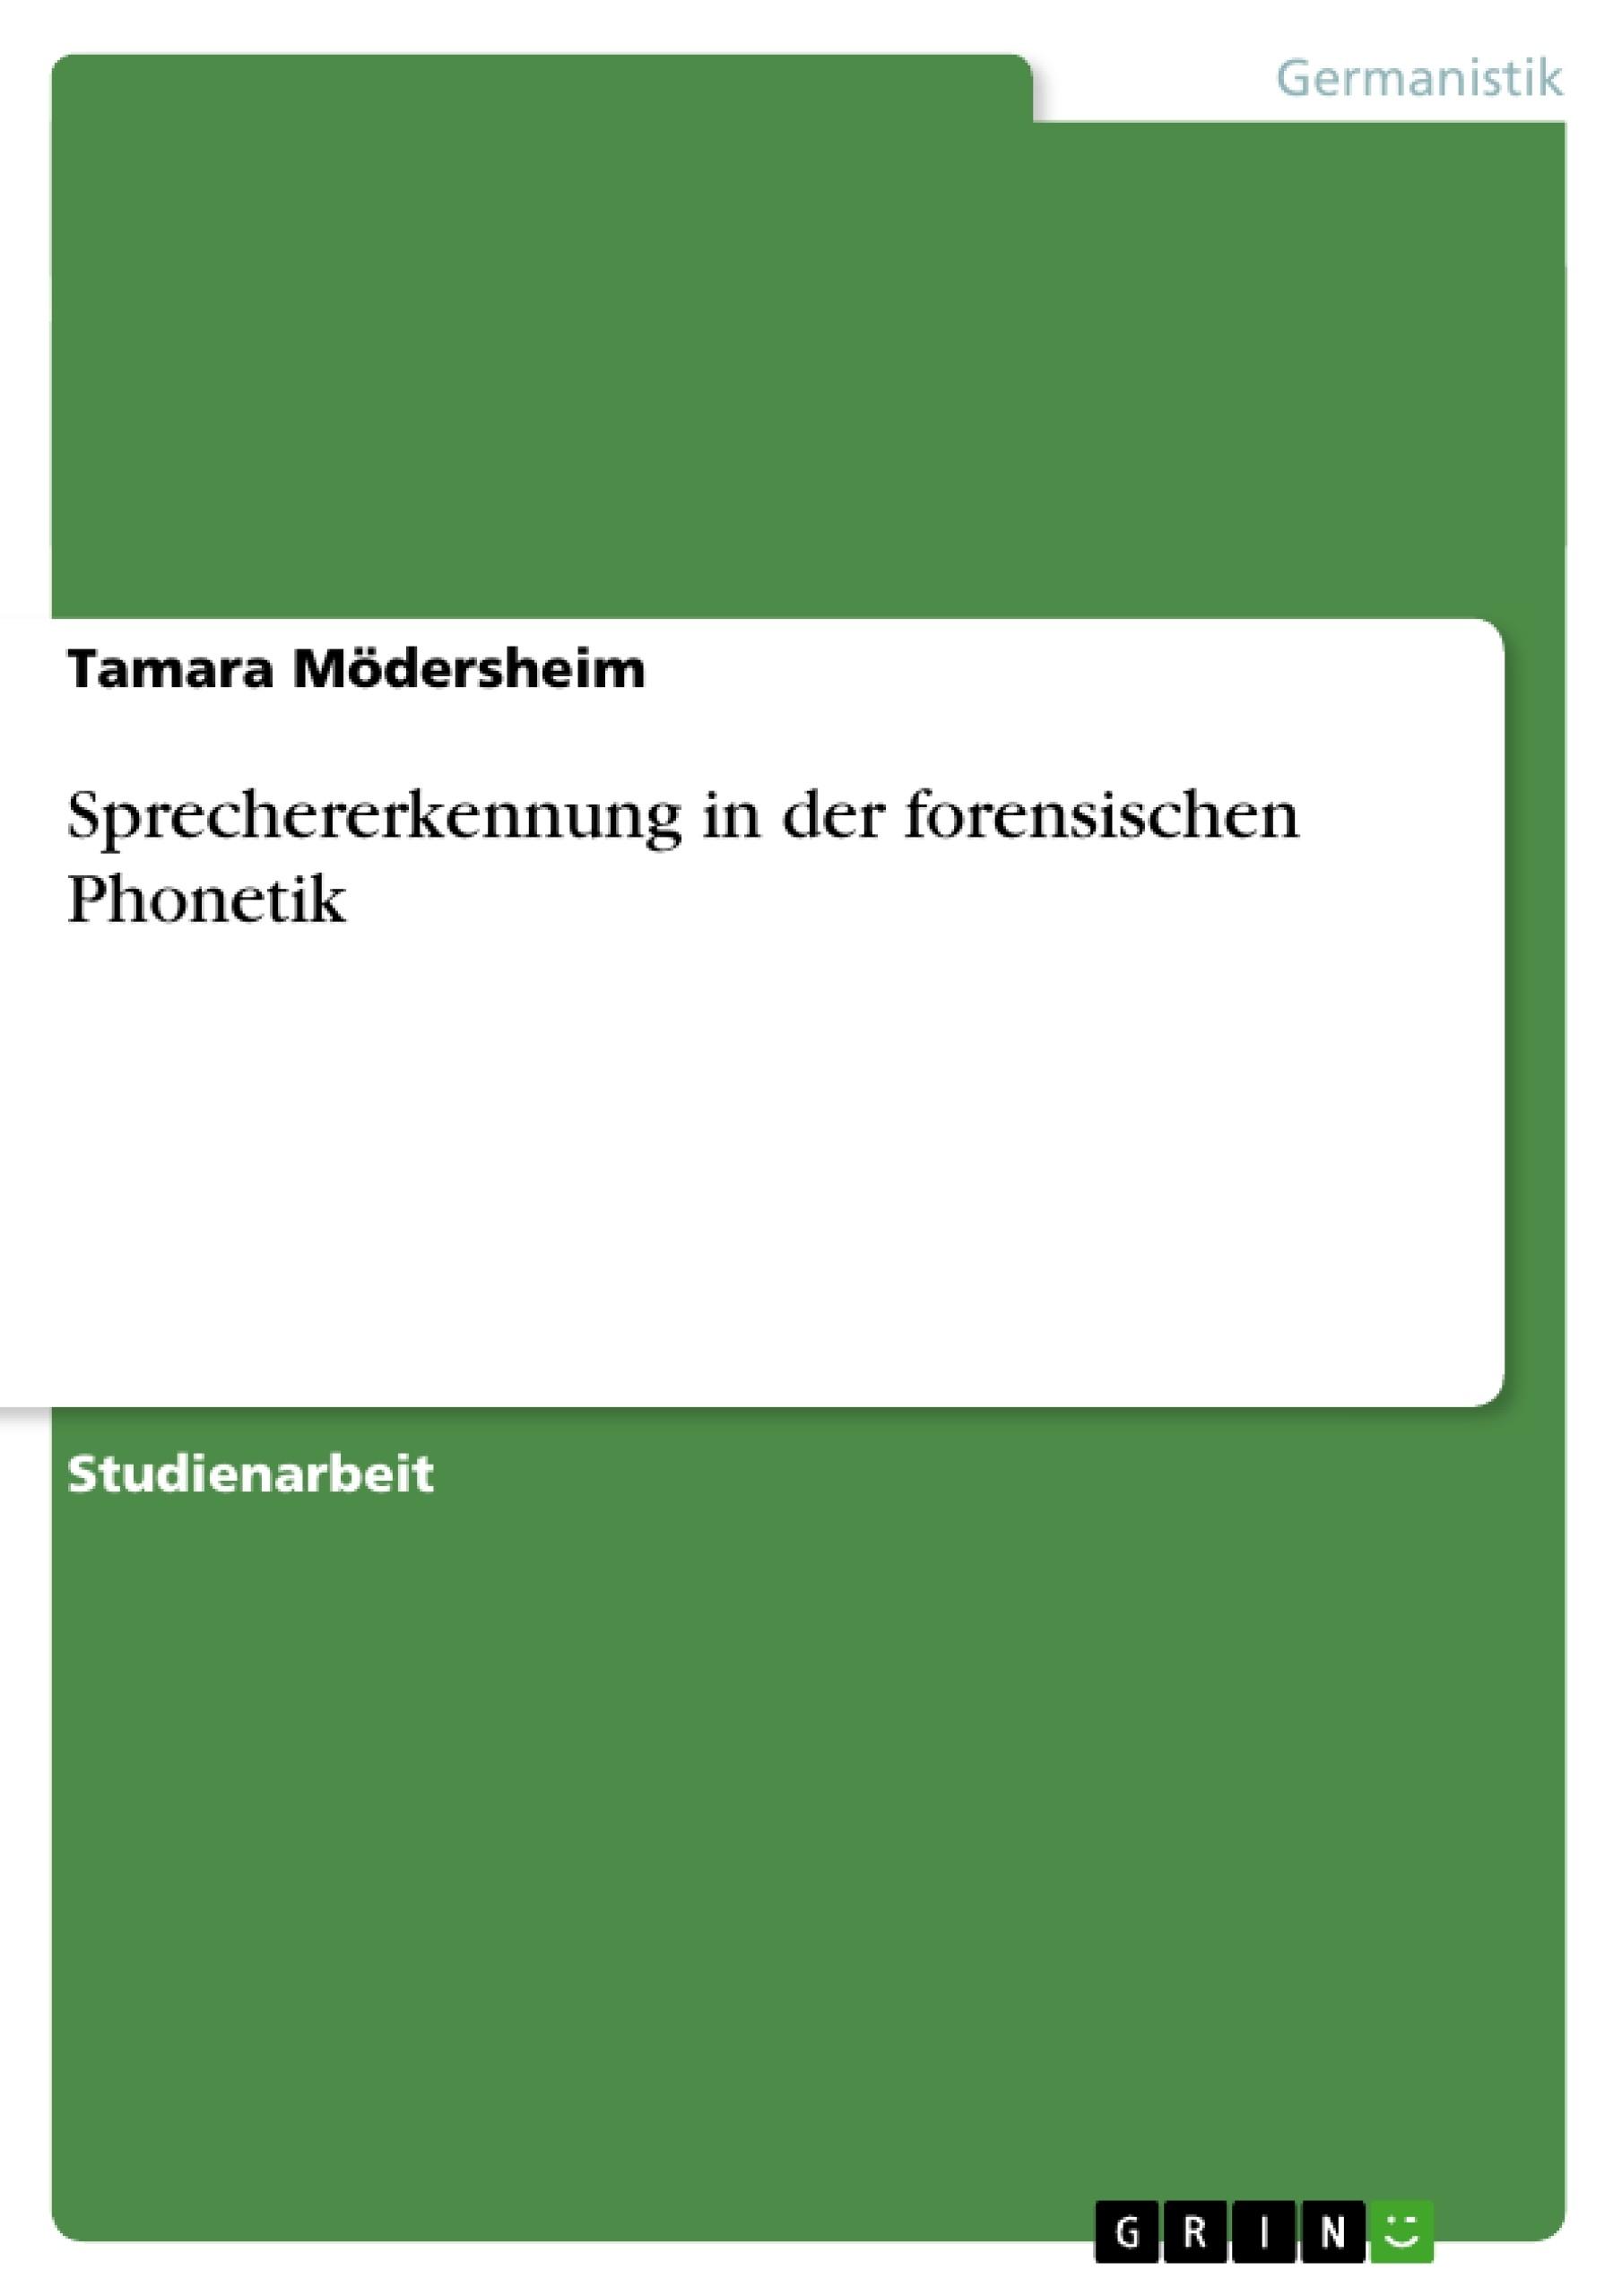 Titel: Sprechererkennung in der forensischen Phonetik